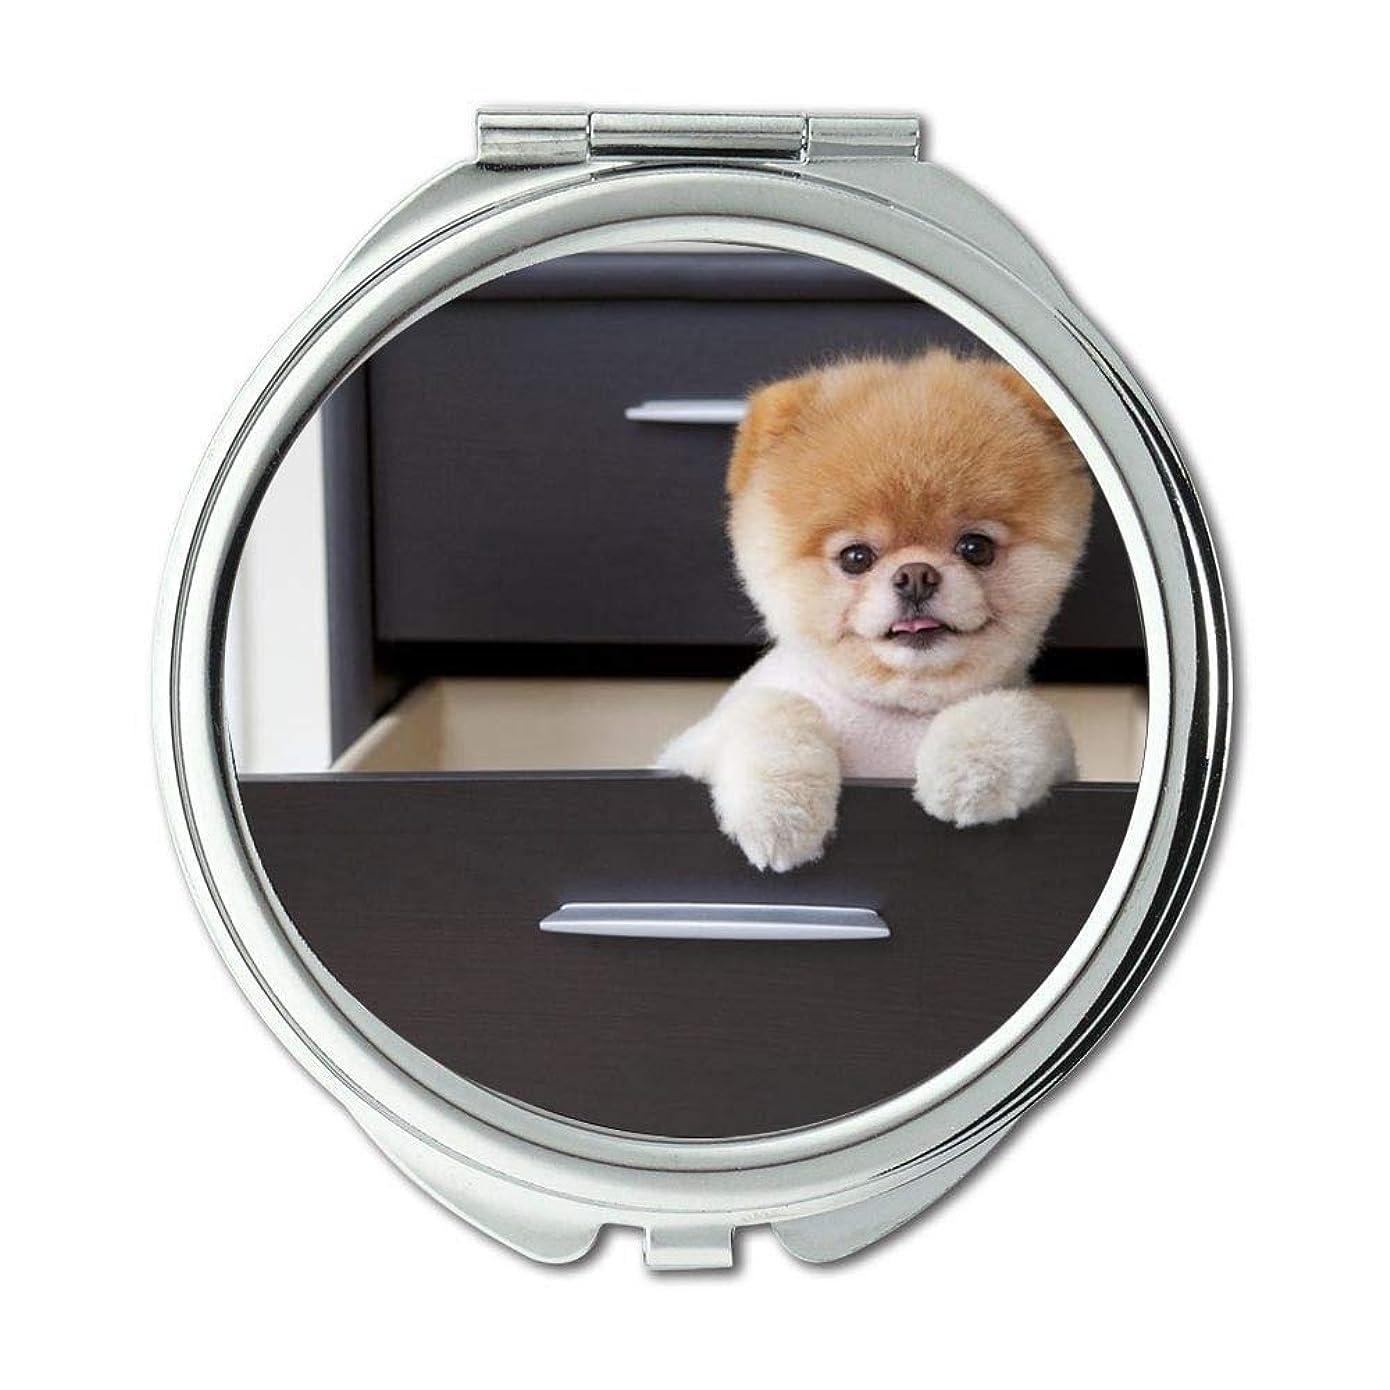 ミラー、スモールミラー、子犬犬のブードッグ、ポケットミラー、1 X 2X 倍の拡大鏡